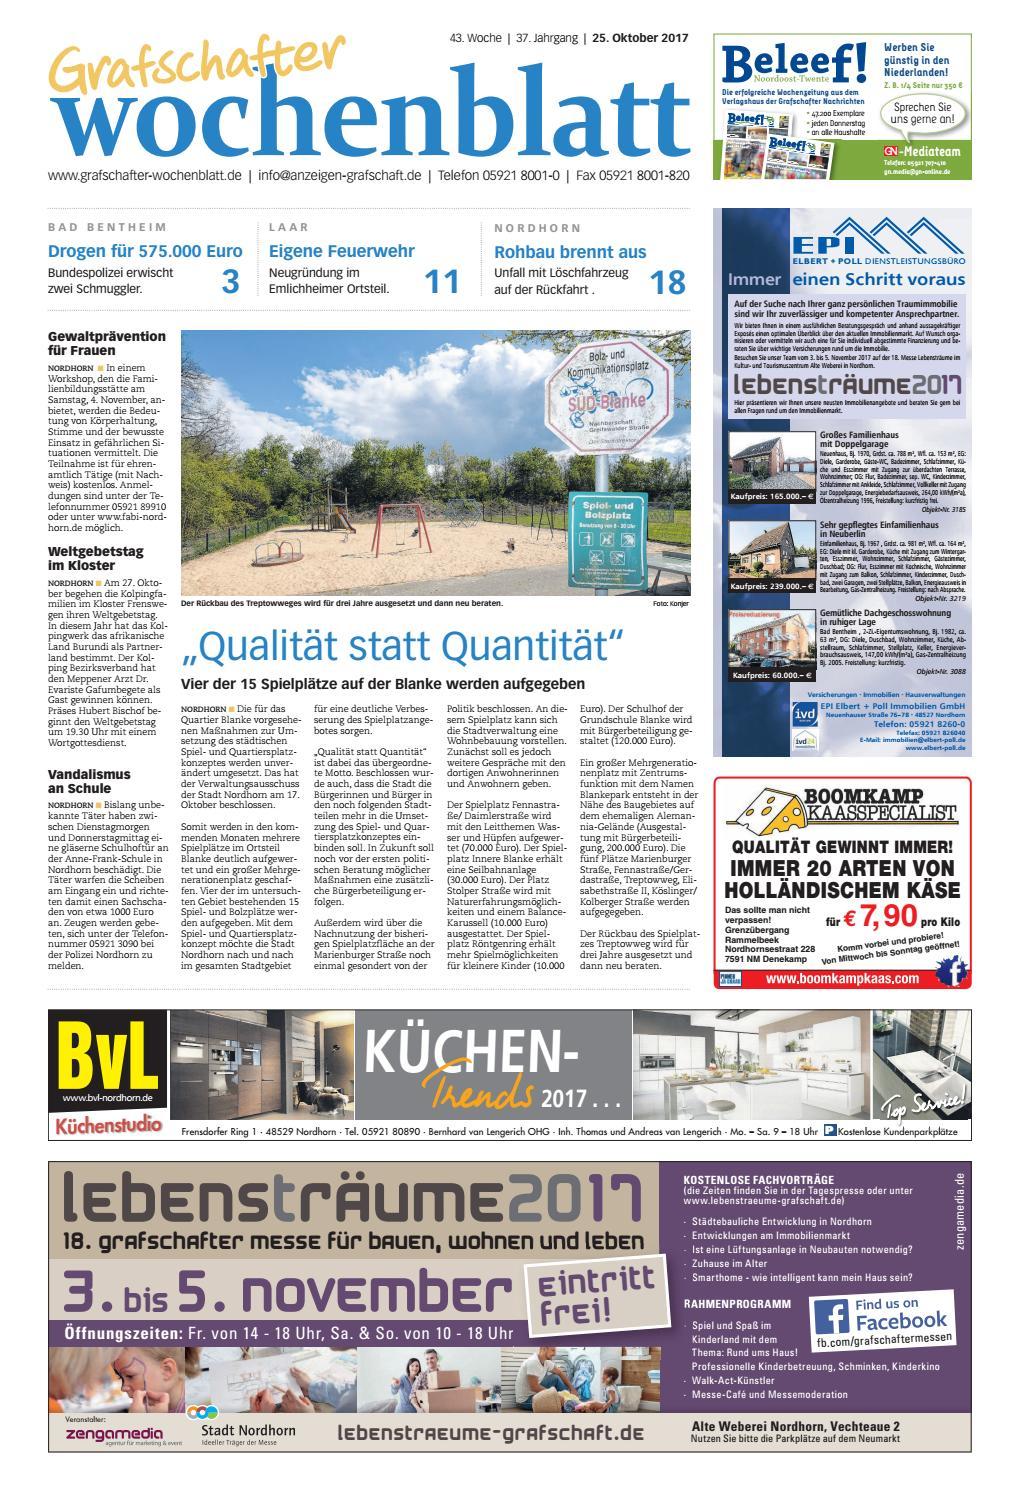 Medebacher Anzeiger Ausgabe vom 05 04 2017 Nr 13 by Brilon